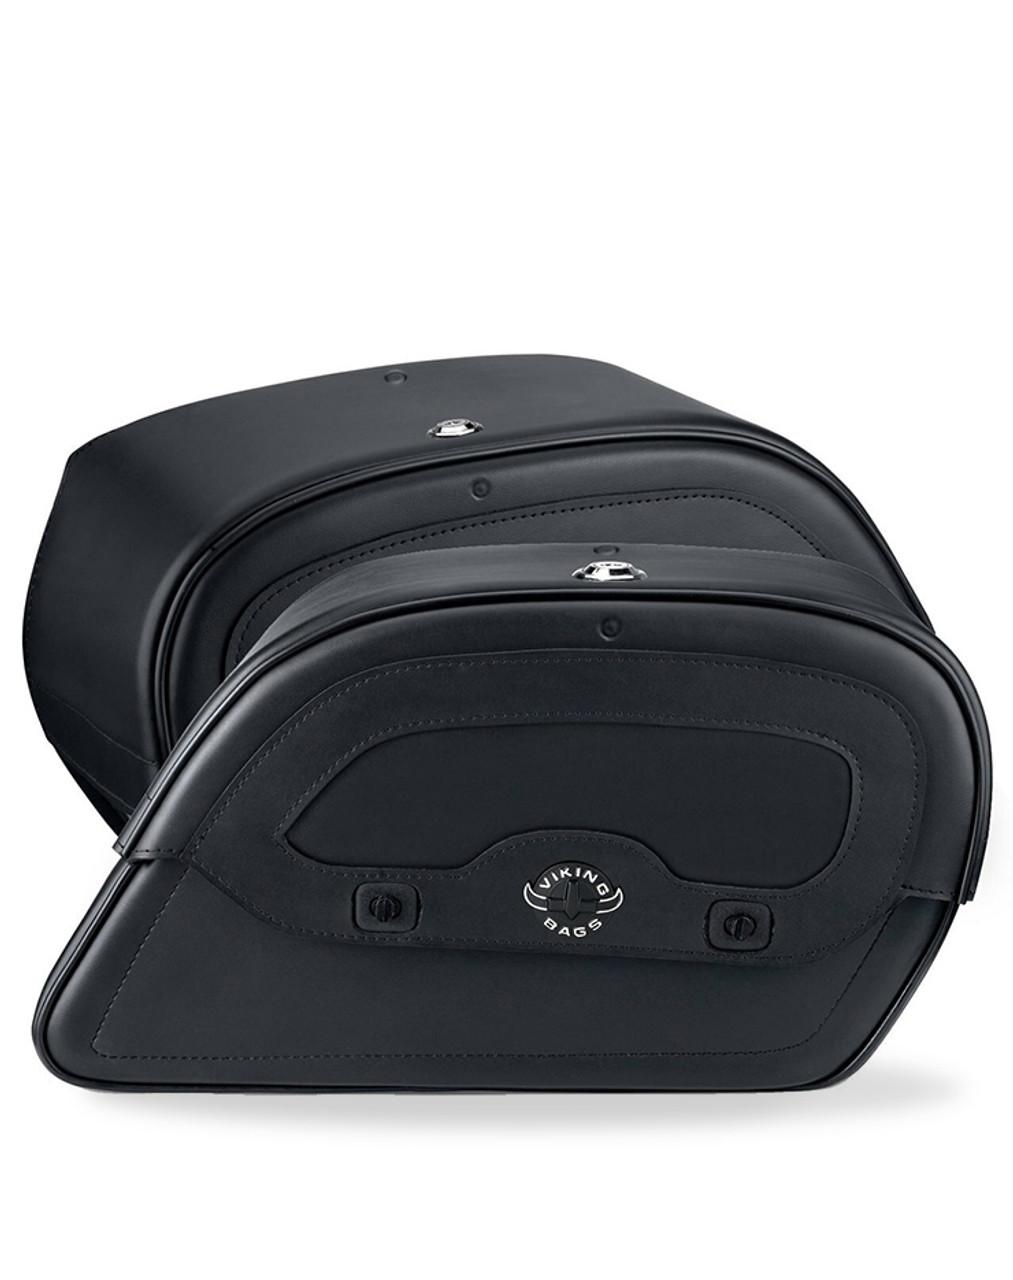 Honda VTX 1800 N Warrior Motorcycle Saddlebags Both Bags View